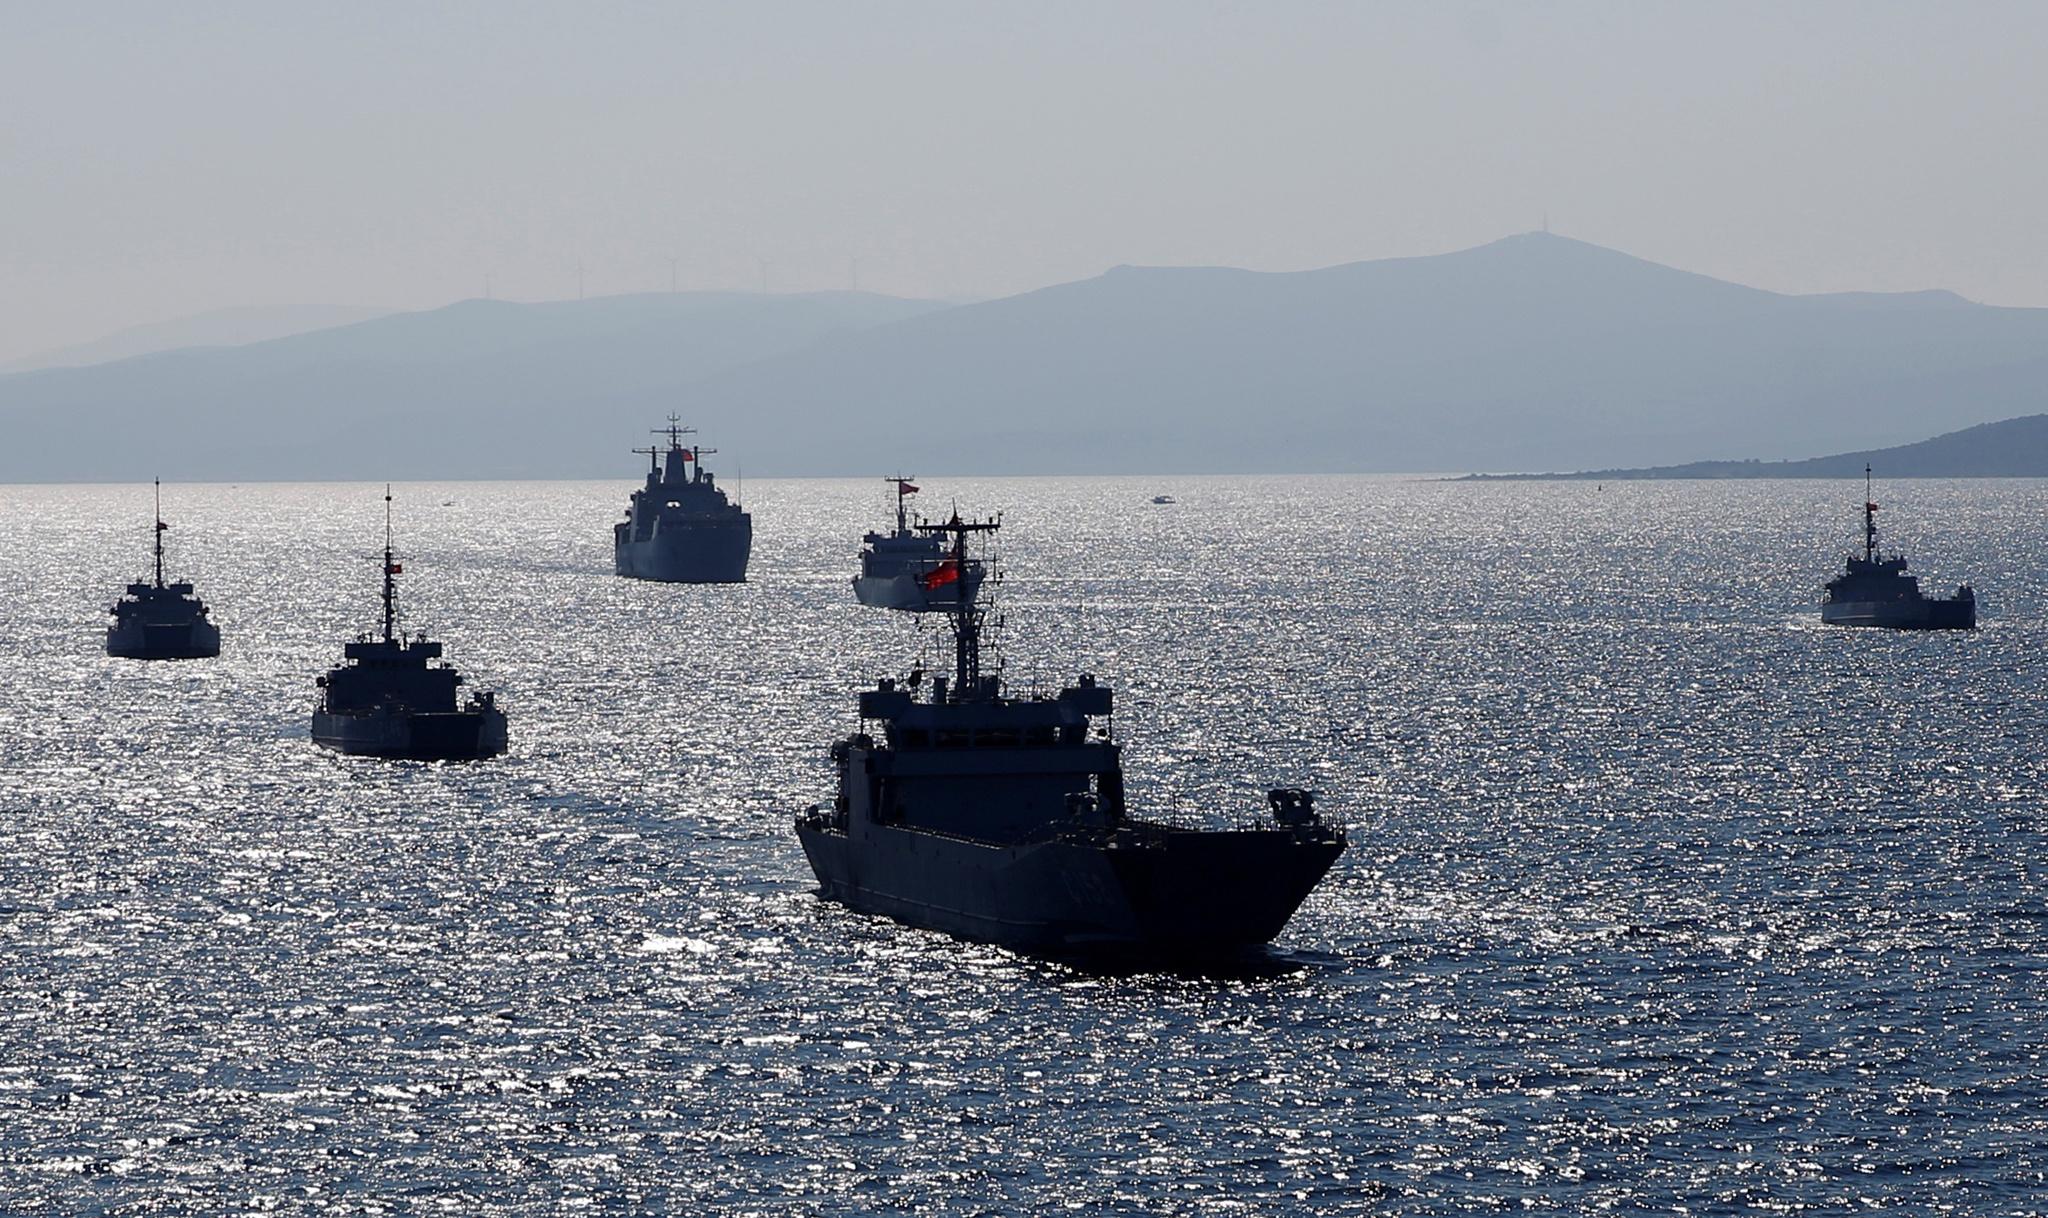 Turquia estende missão de navio em zona disputada com Grécia   Grécia    PÚBLICO